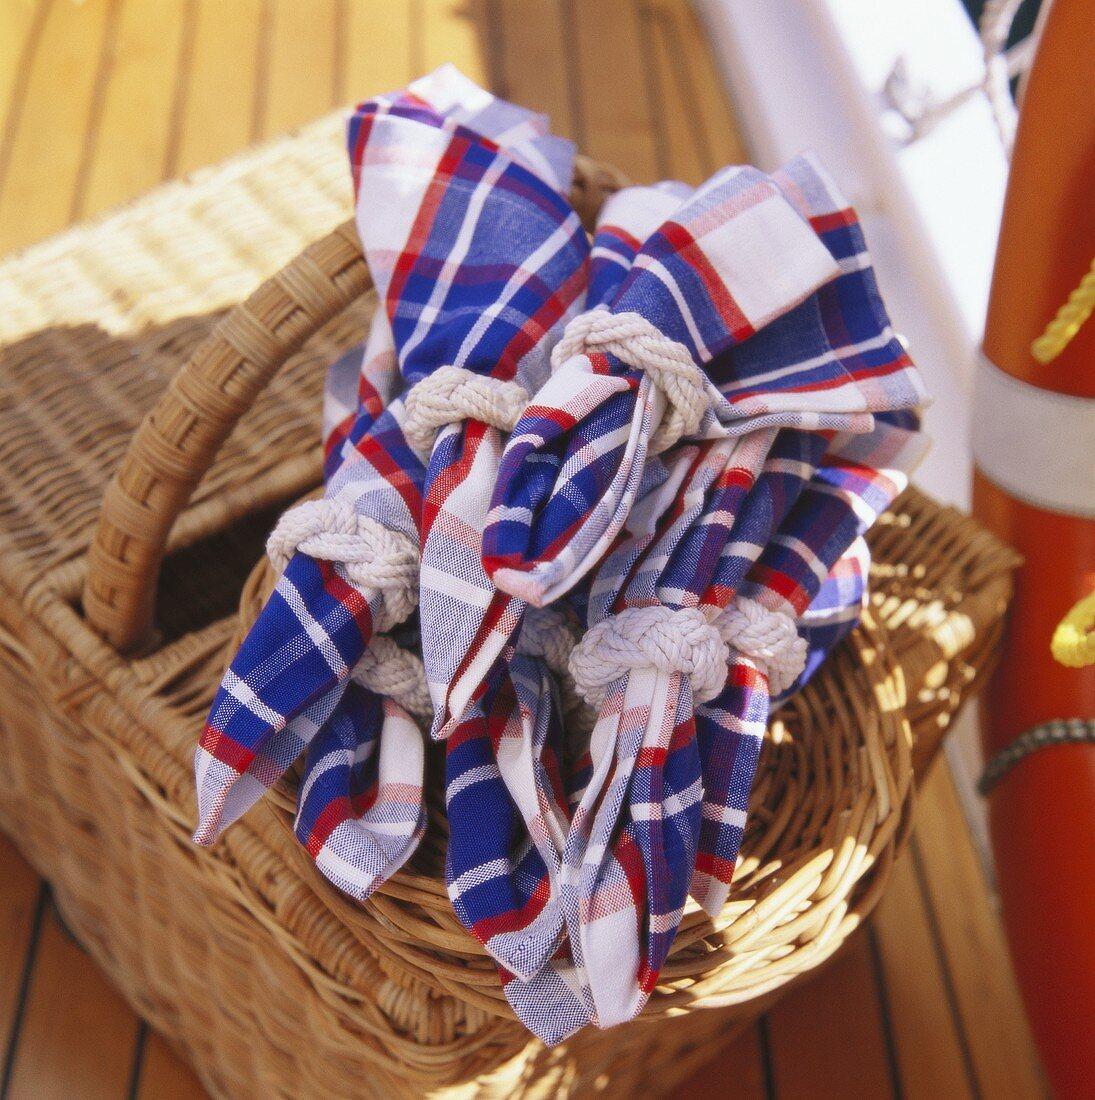 Folded fabric napkins on picnic basket on boat